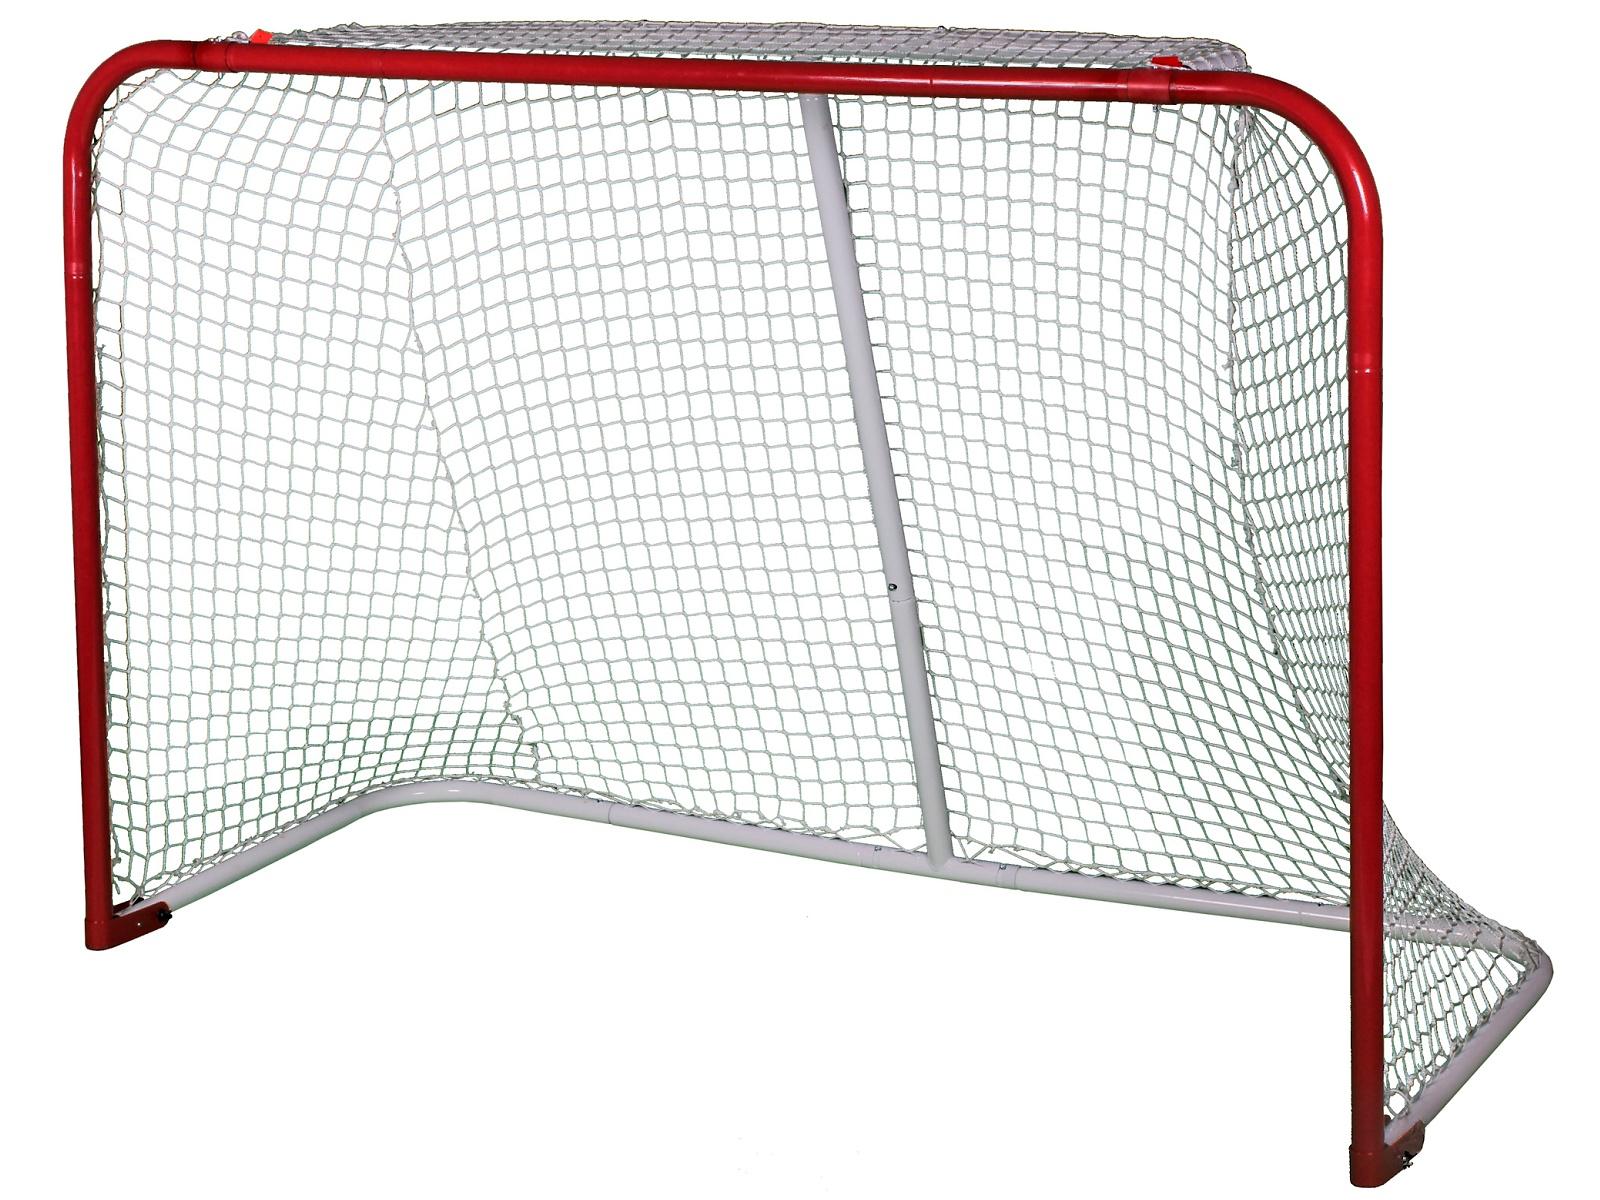 Skládací hokejová branka Goal, včetně sítě